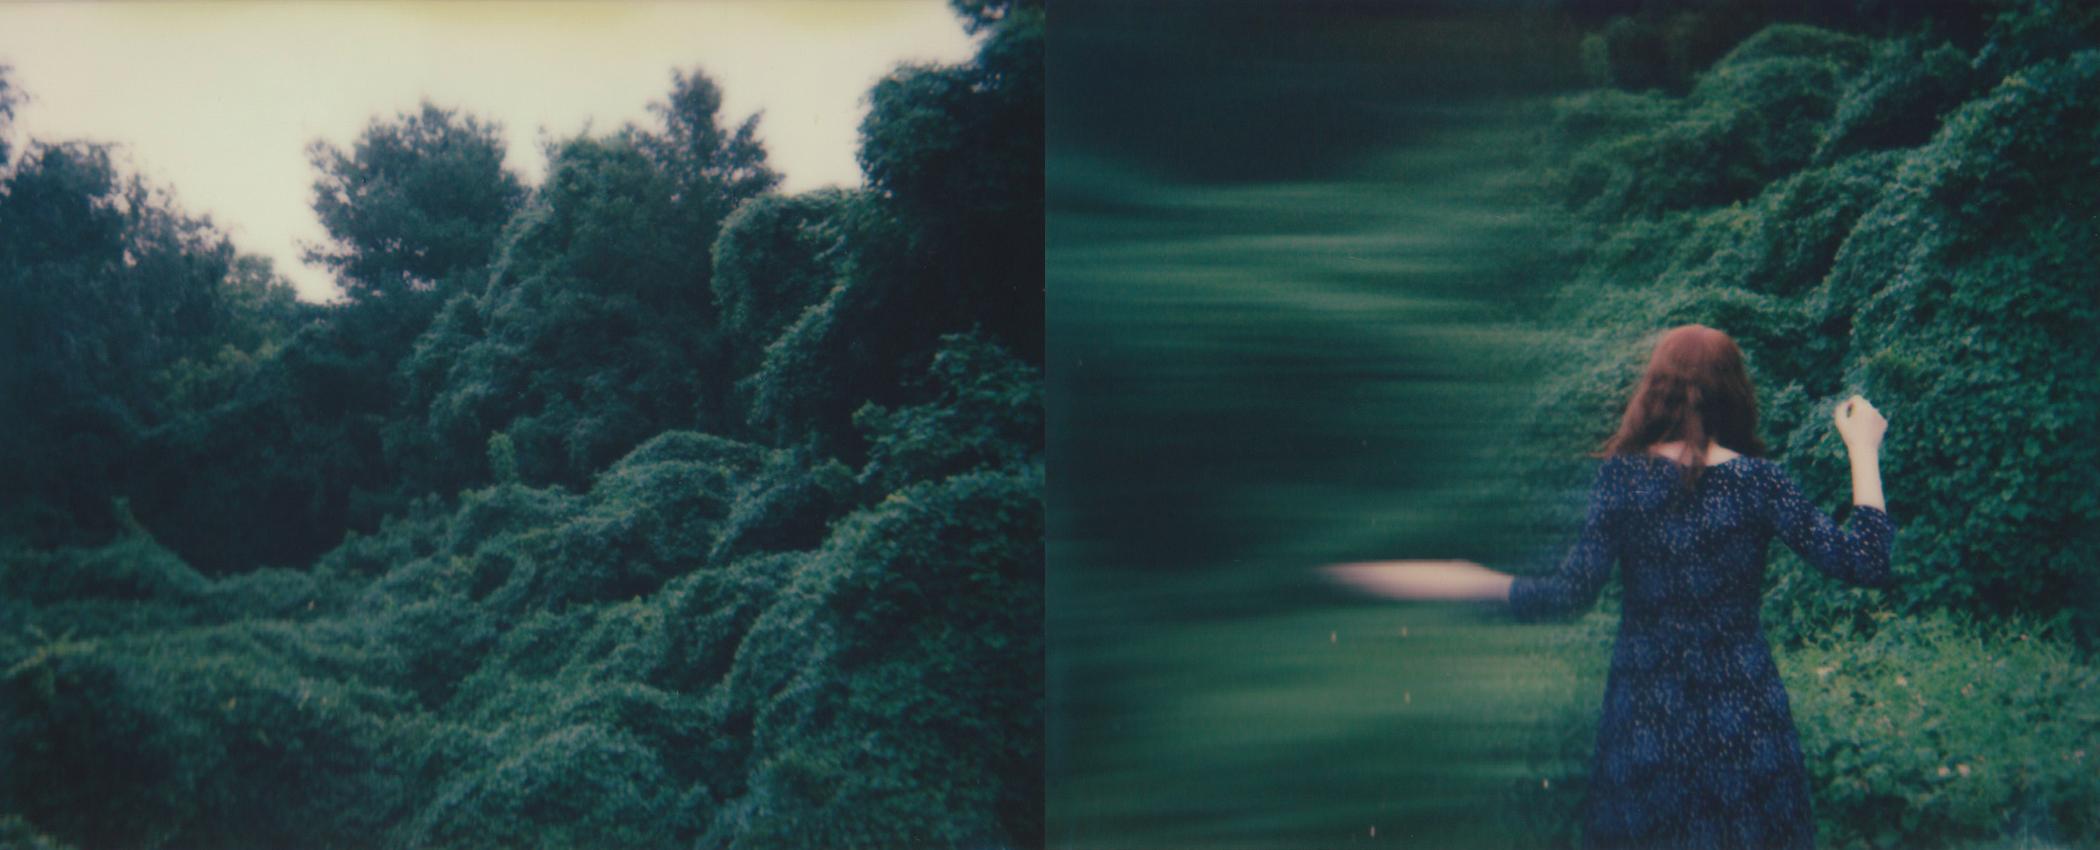 Greenvalley.jpg